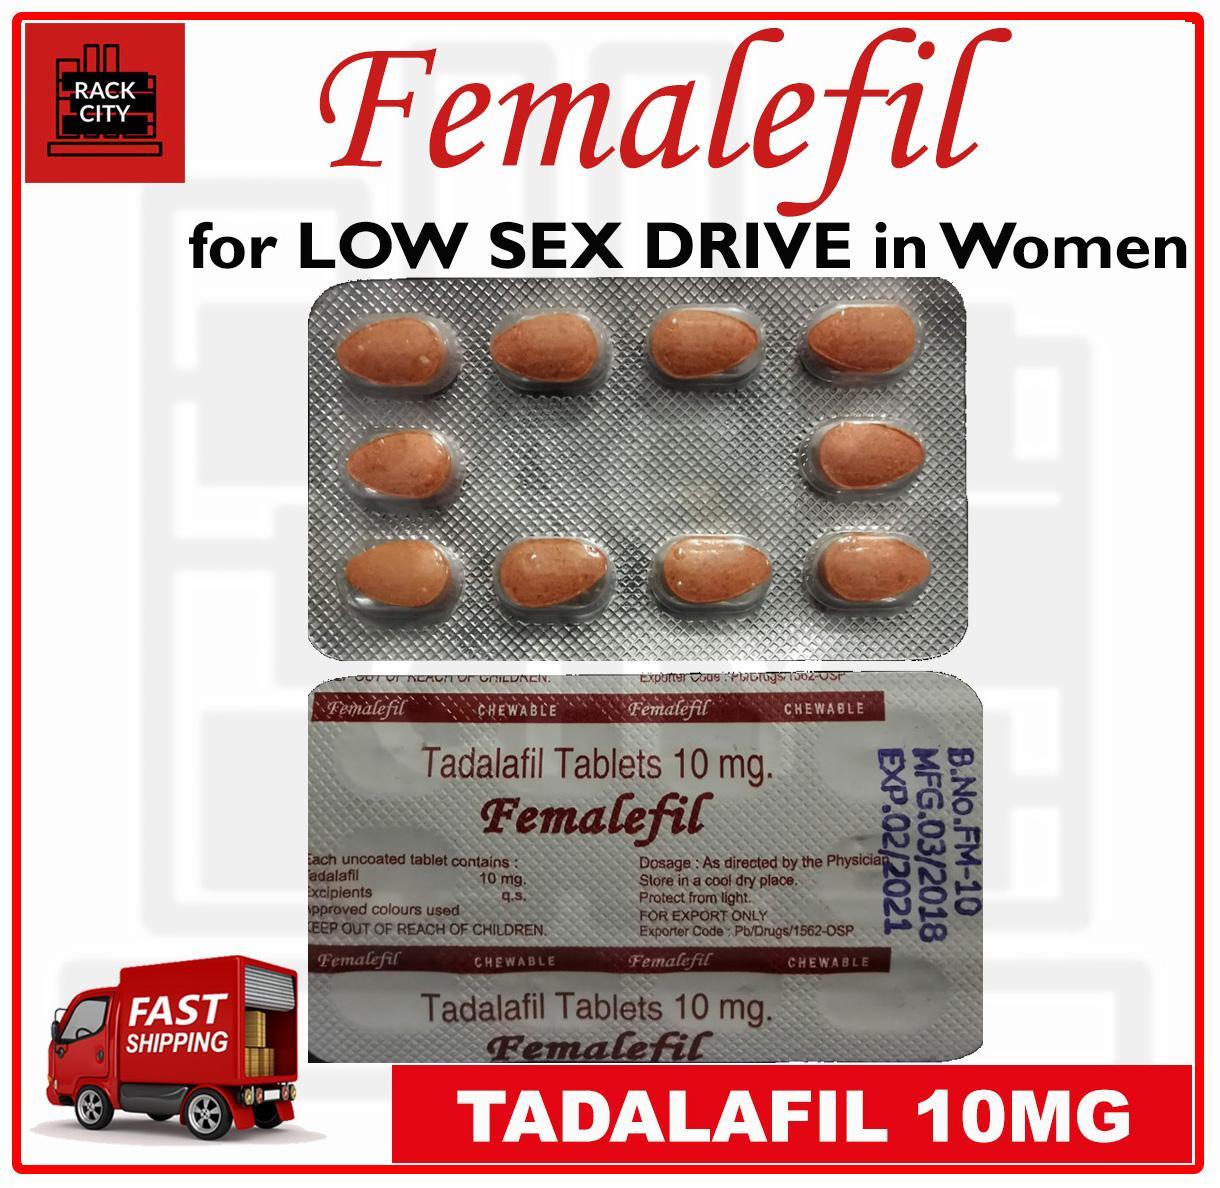 cheap pharmacy viagra cialis levitra